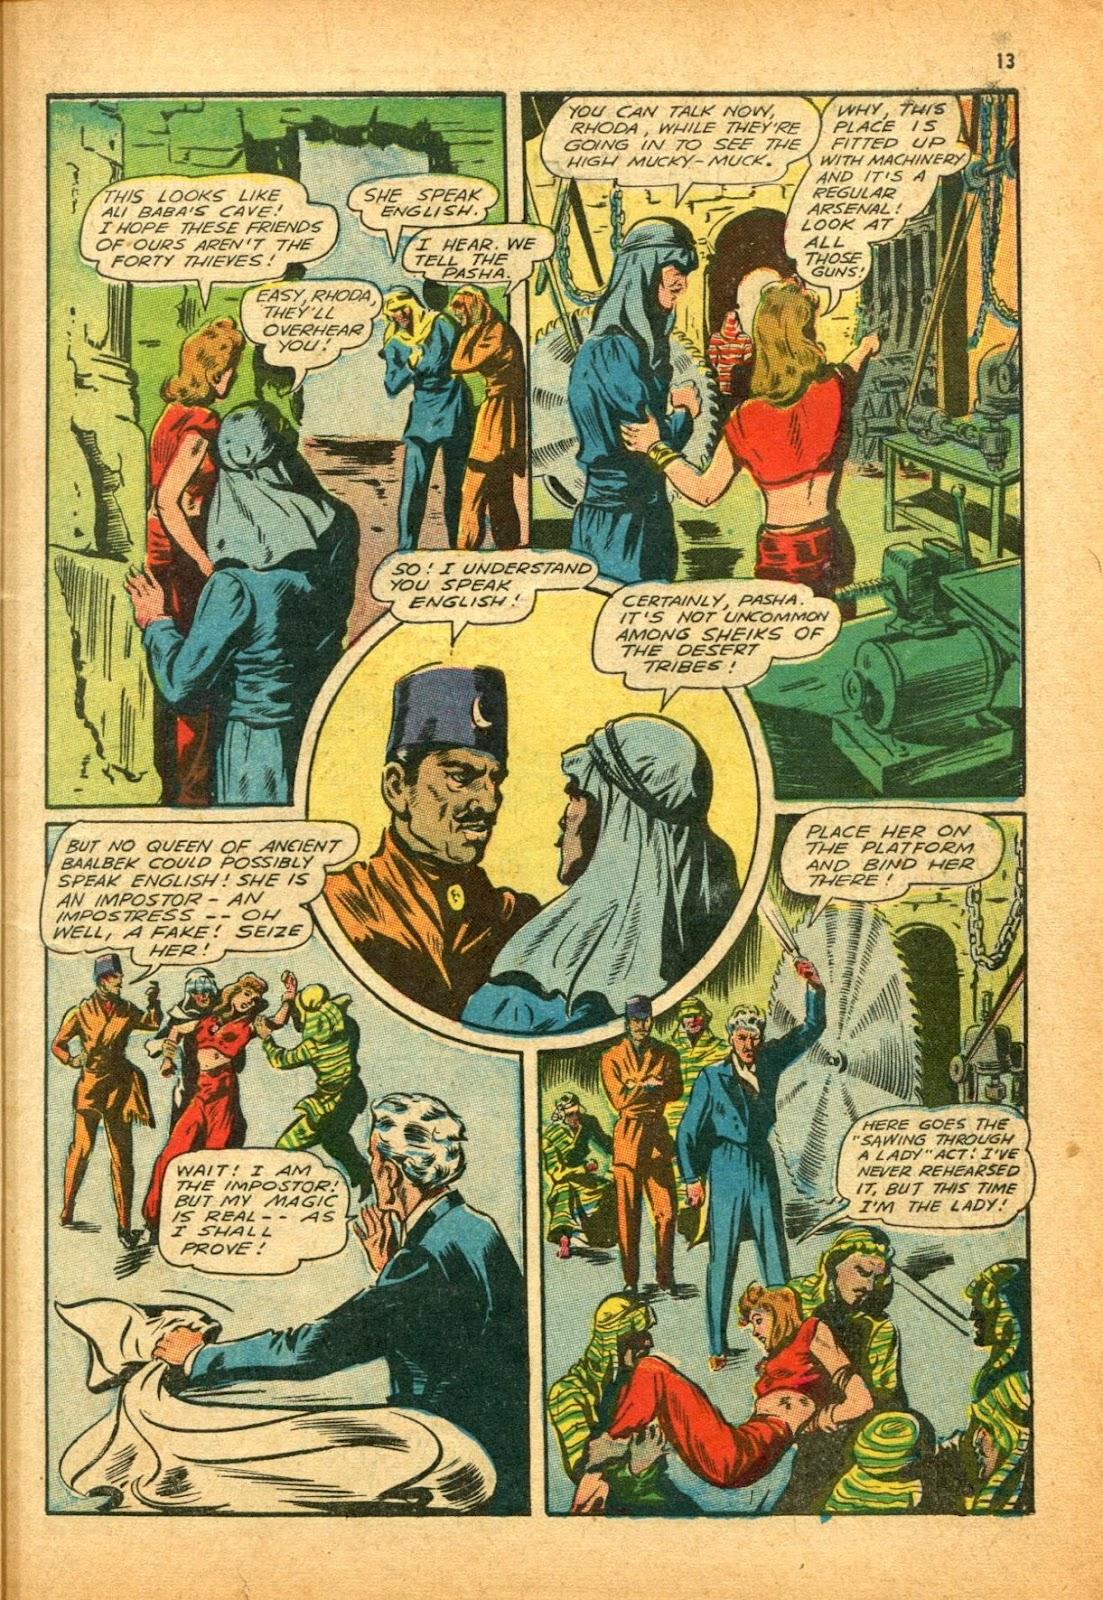 Read online Super-Magician Comics comic -  Issue #12 - 13